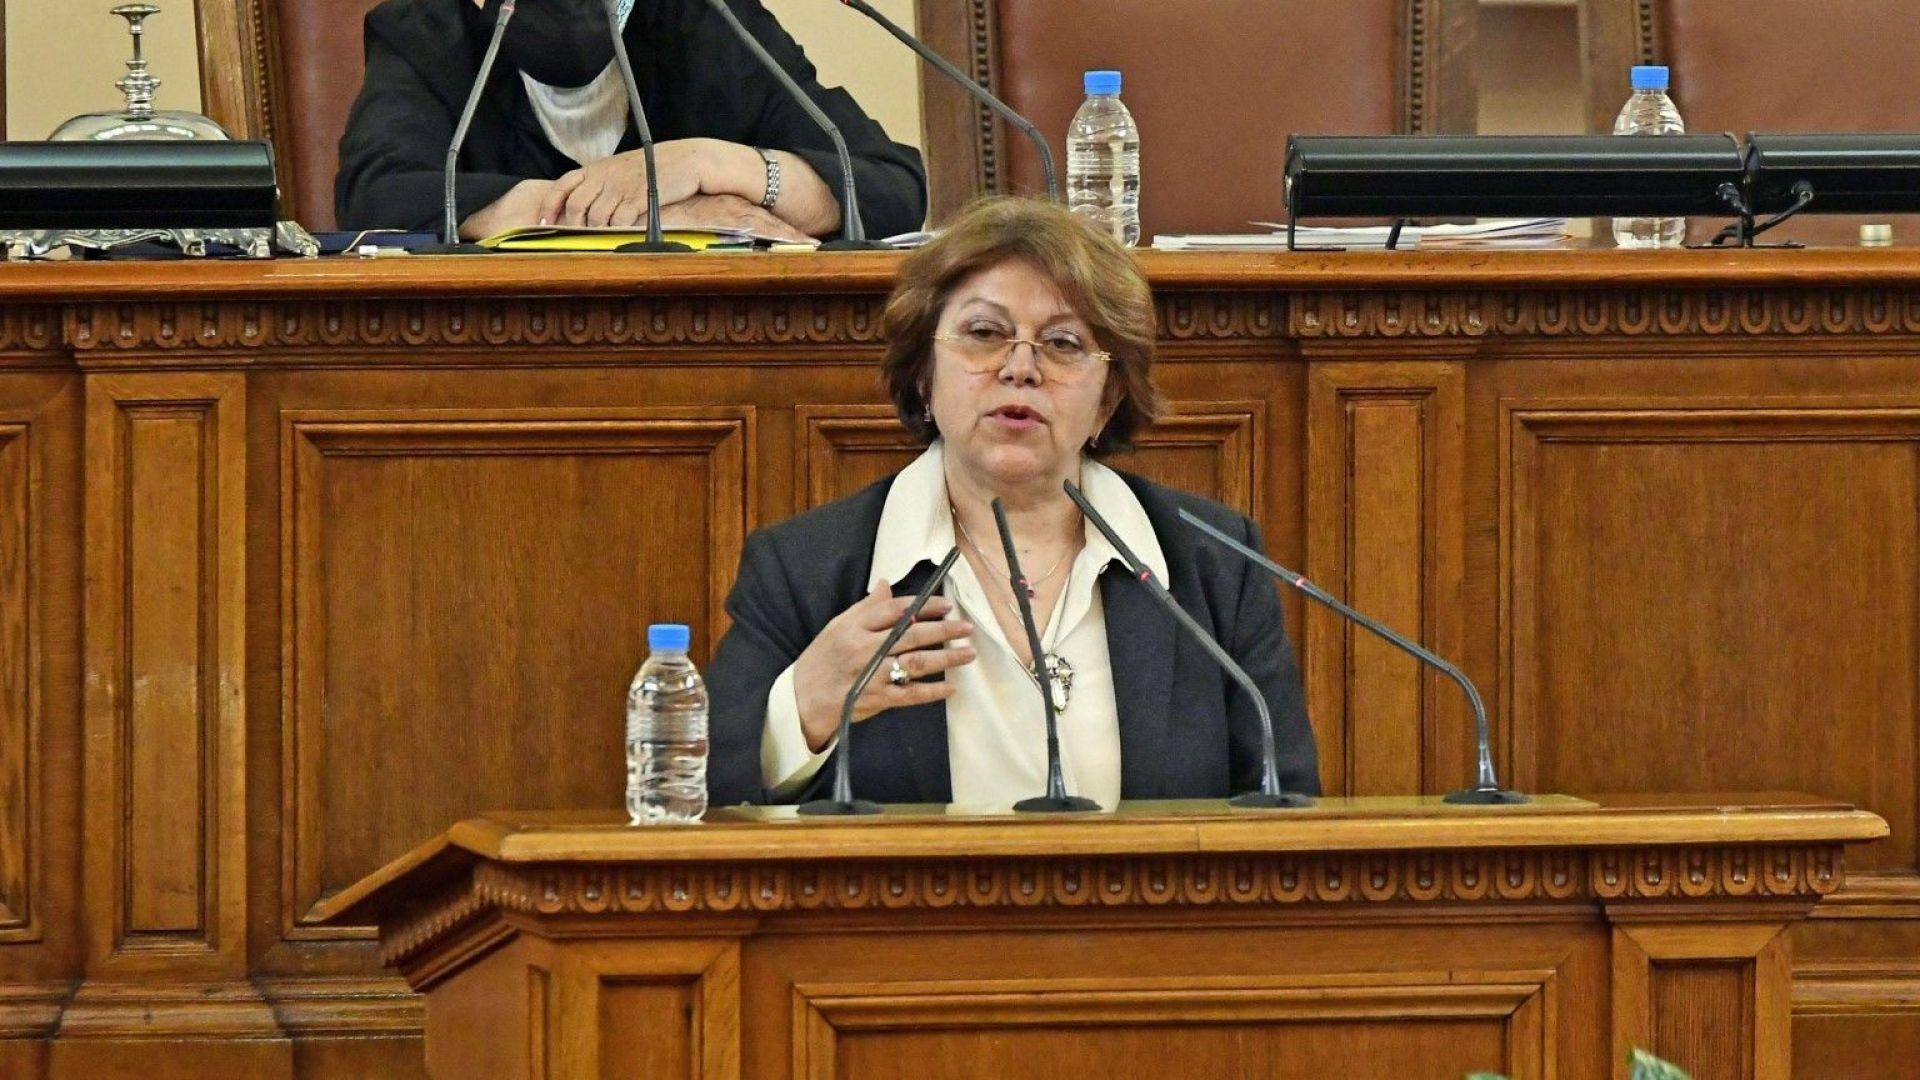 Татяна Дончева: Ако сценаристите се наредят в Министерски съвет, ще се замисля дали ще им бъде по силите